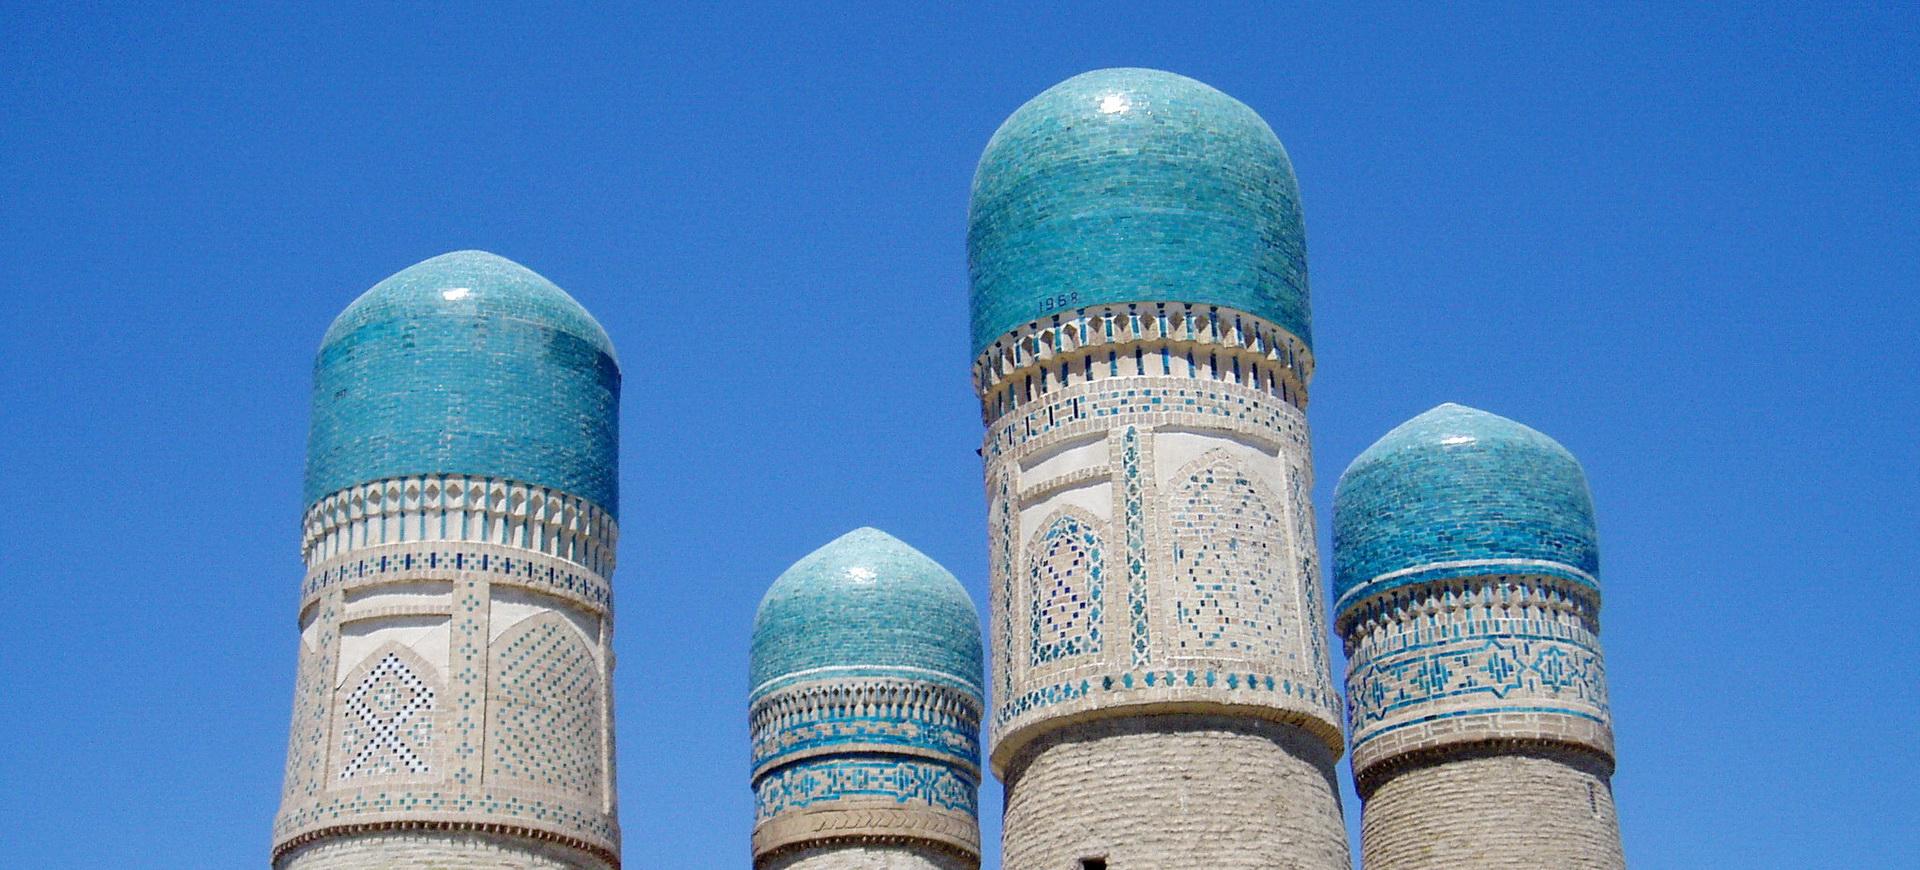 Conseils pratiques Ouzbékistan